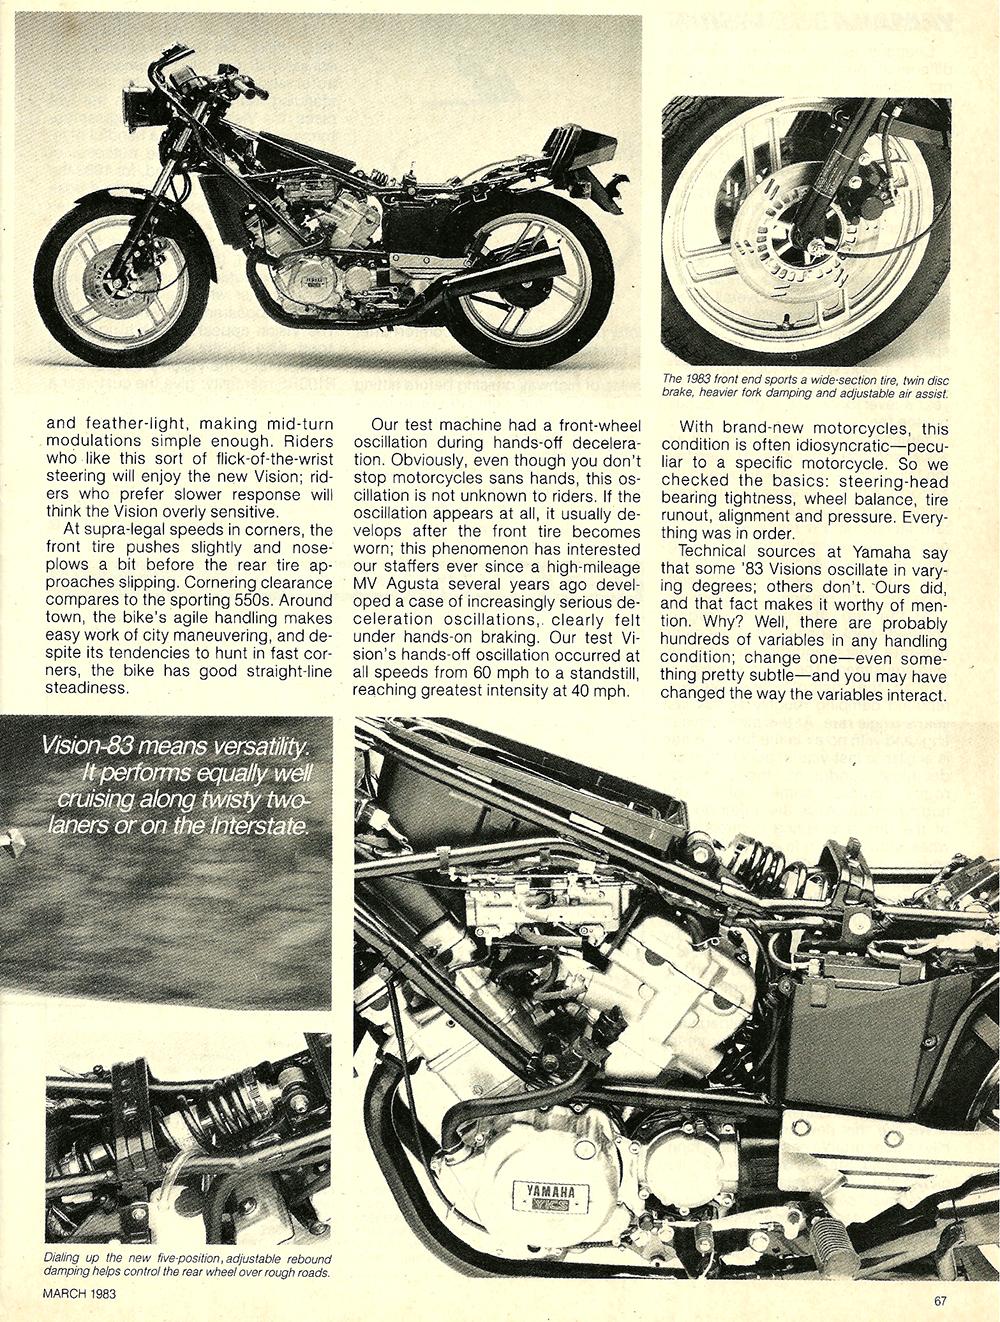 1983 Yamaha XZ550RK Vision road test 6.jpg